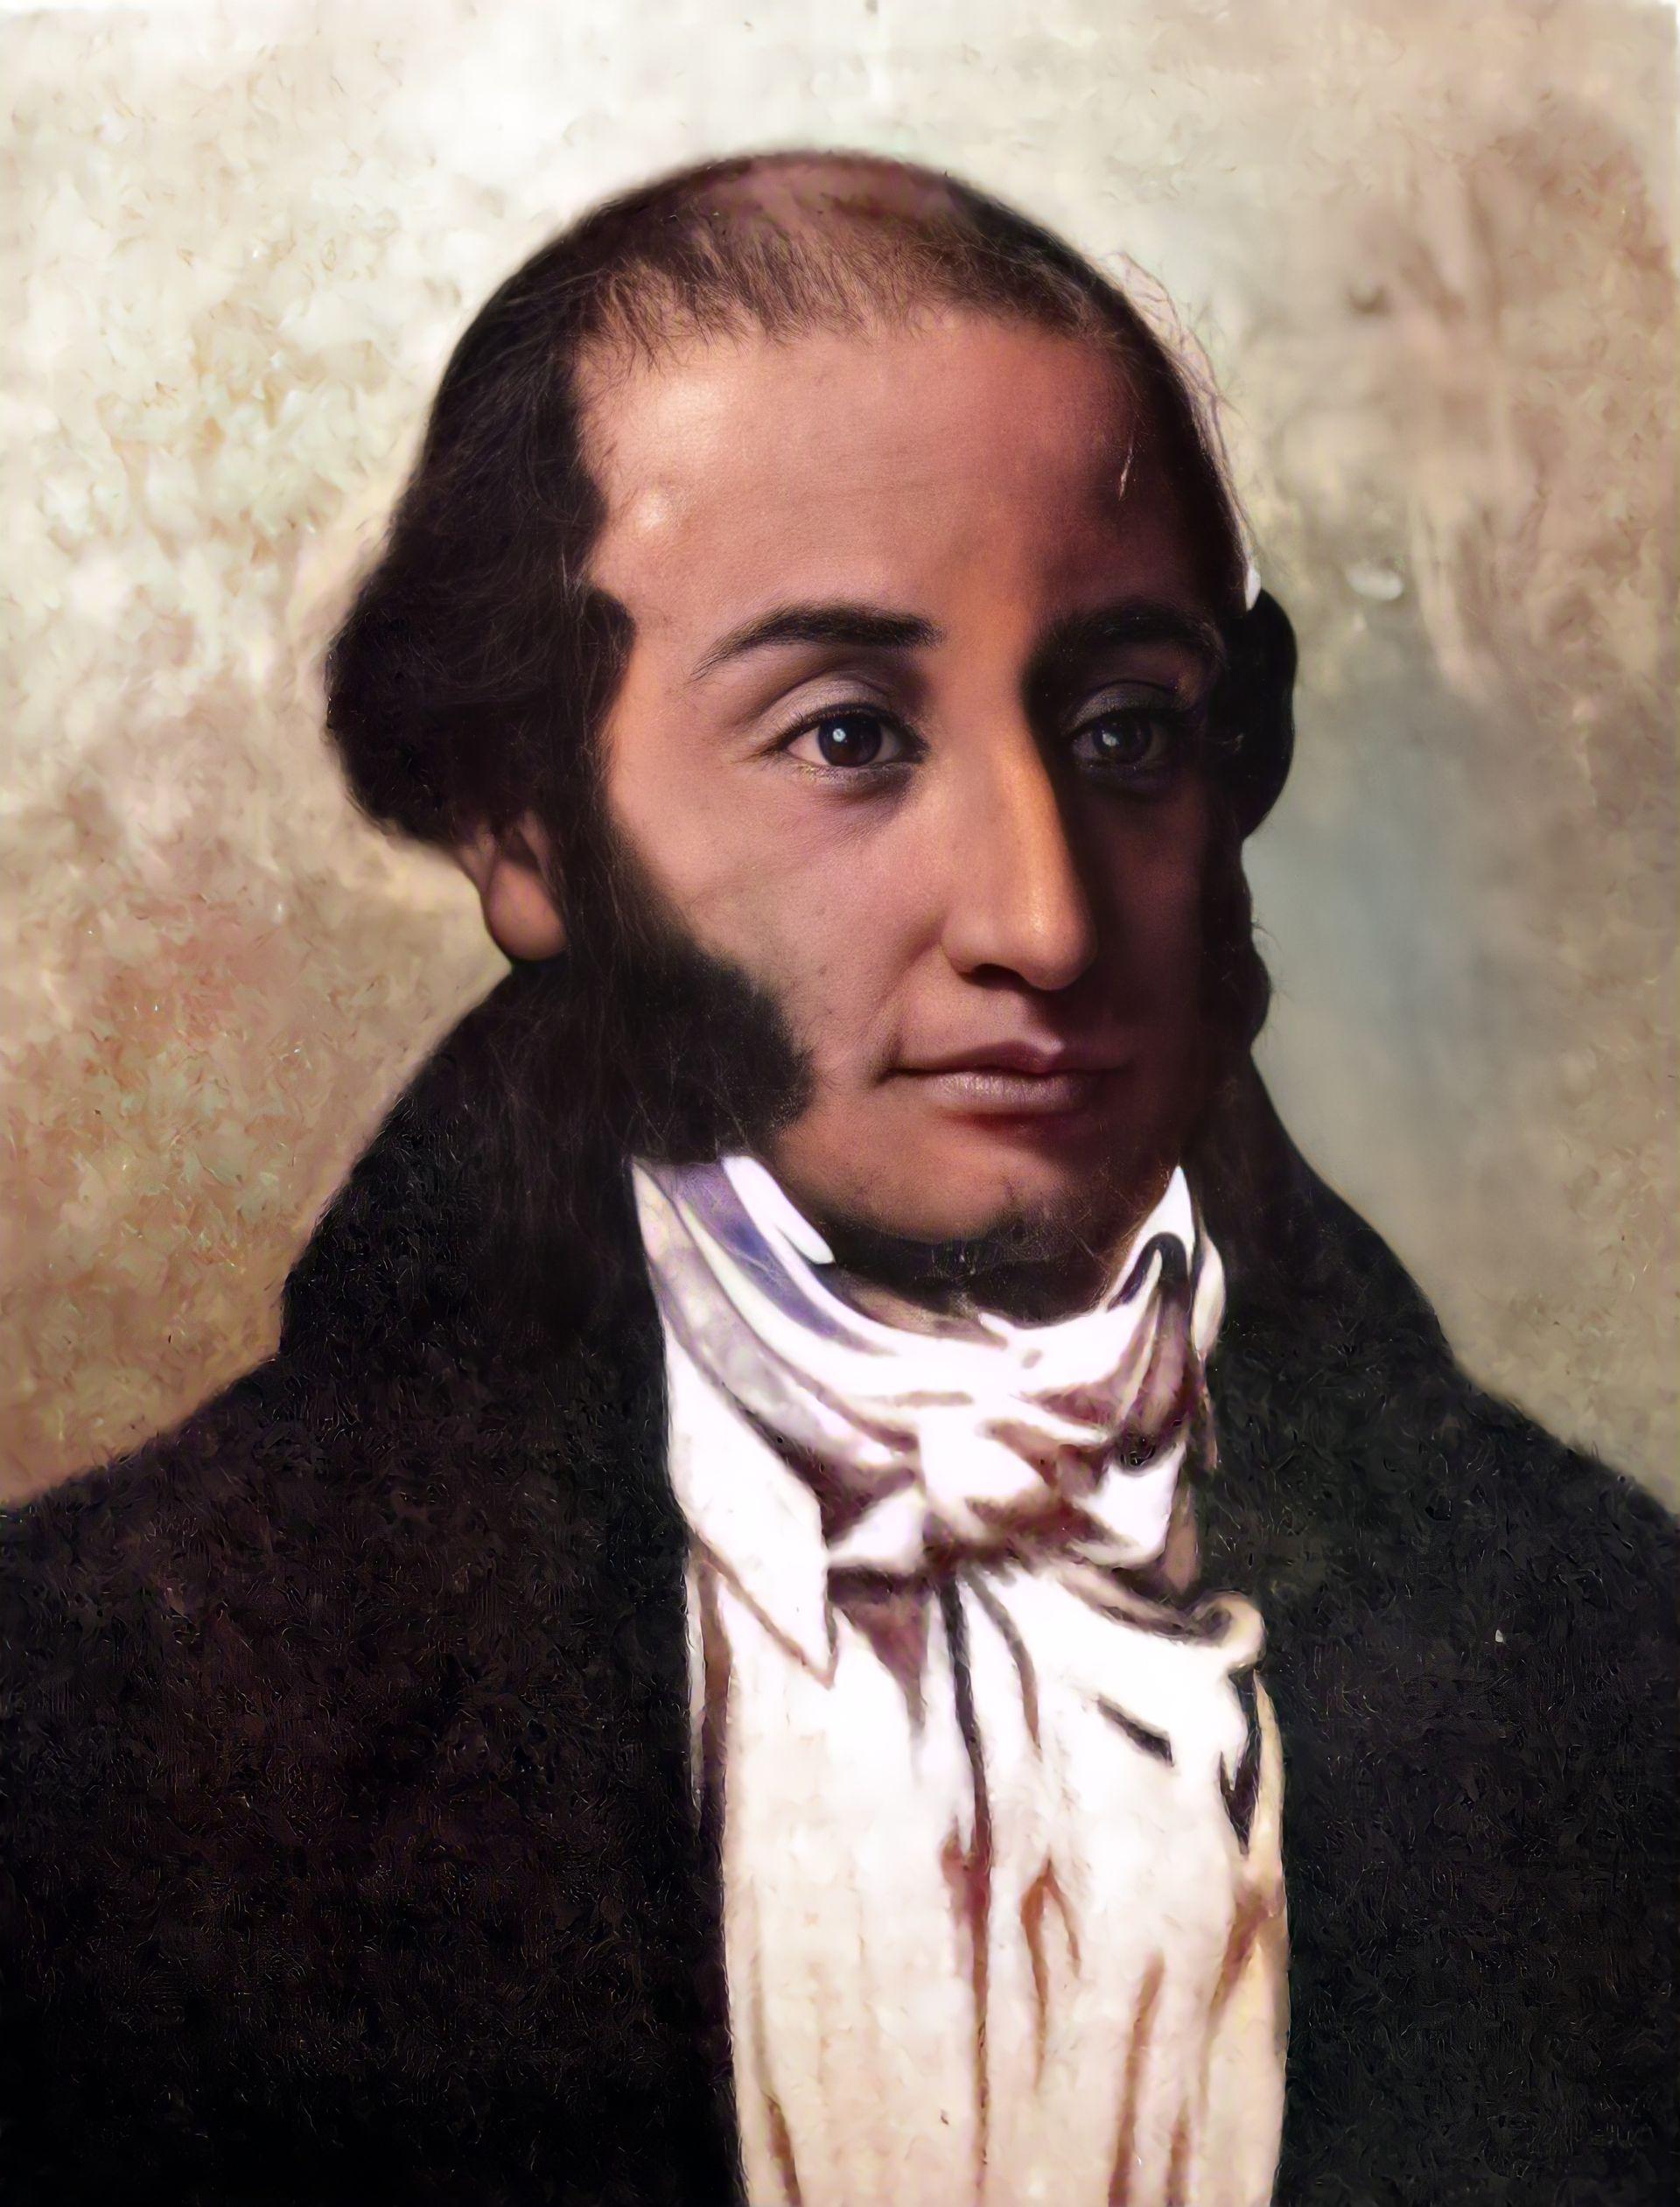 El maestro Blas Parera cobró 200 pesos por la música. En 1818 debió irse, sospechado de simpatizar con los realistas.